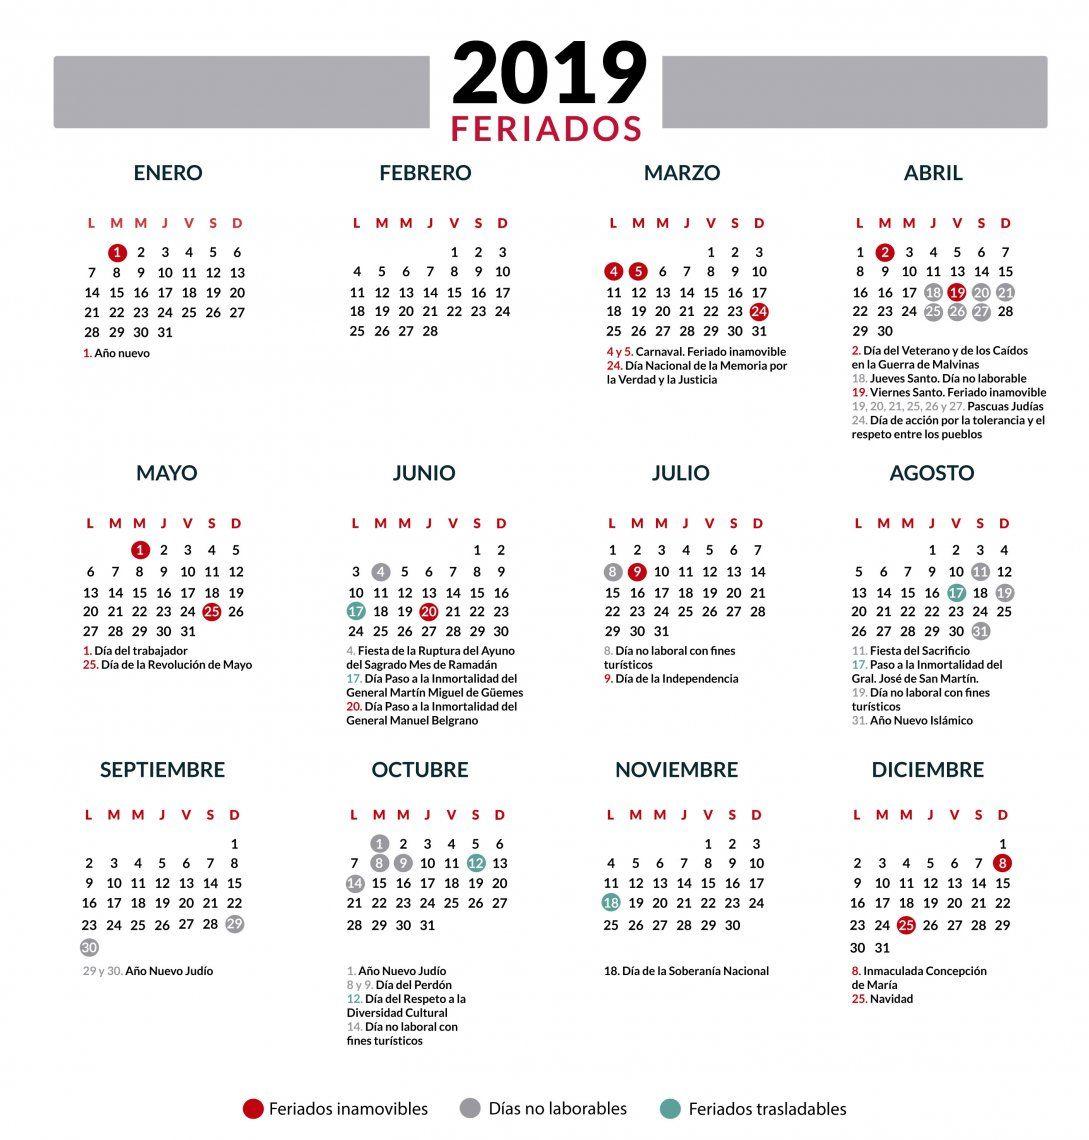 Calendario Marzo 2020 Argentina Para Imprimir.Calendario 2019 Argentina Para Imprimir Vapha Kaptanband Co